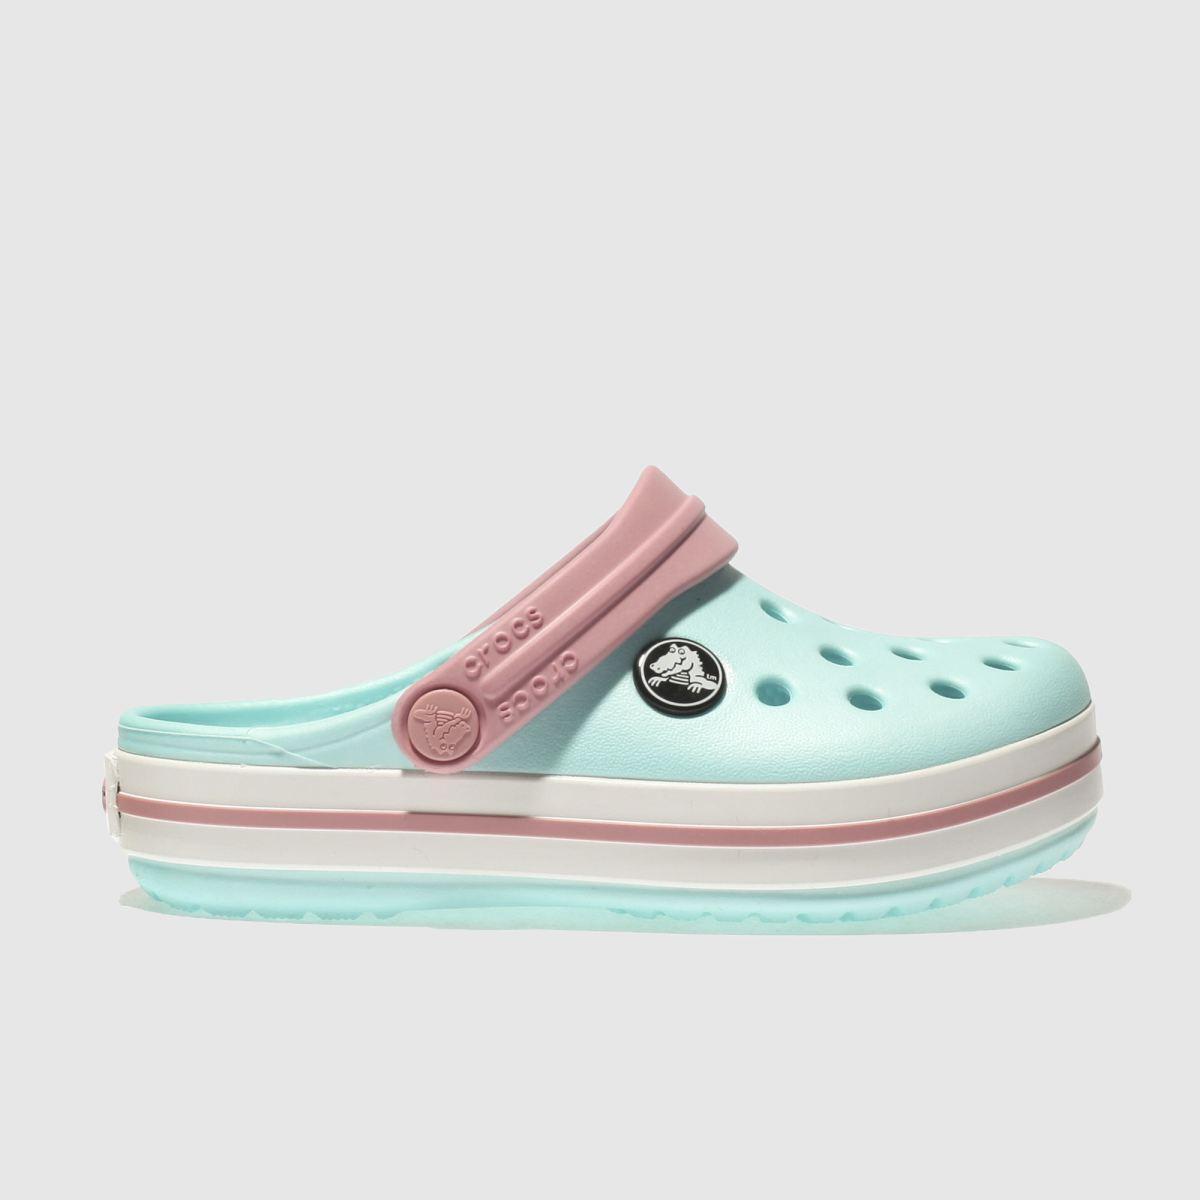 Crocs Crocs Pale Blue Crocband Clog Girls Toddler Sandals